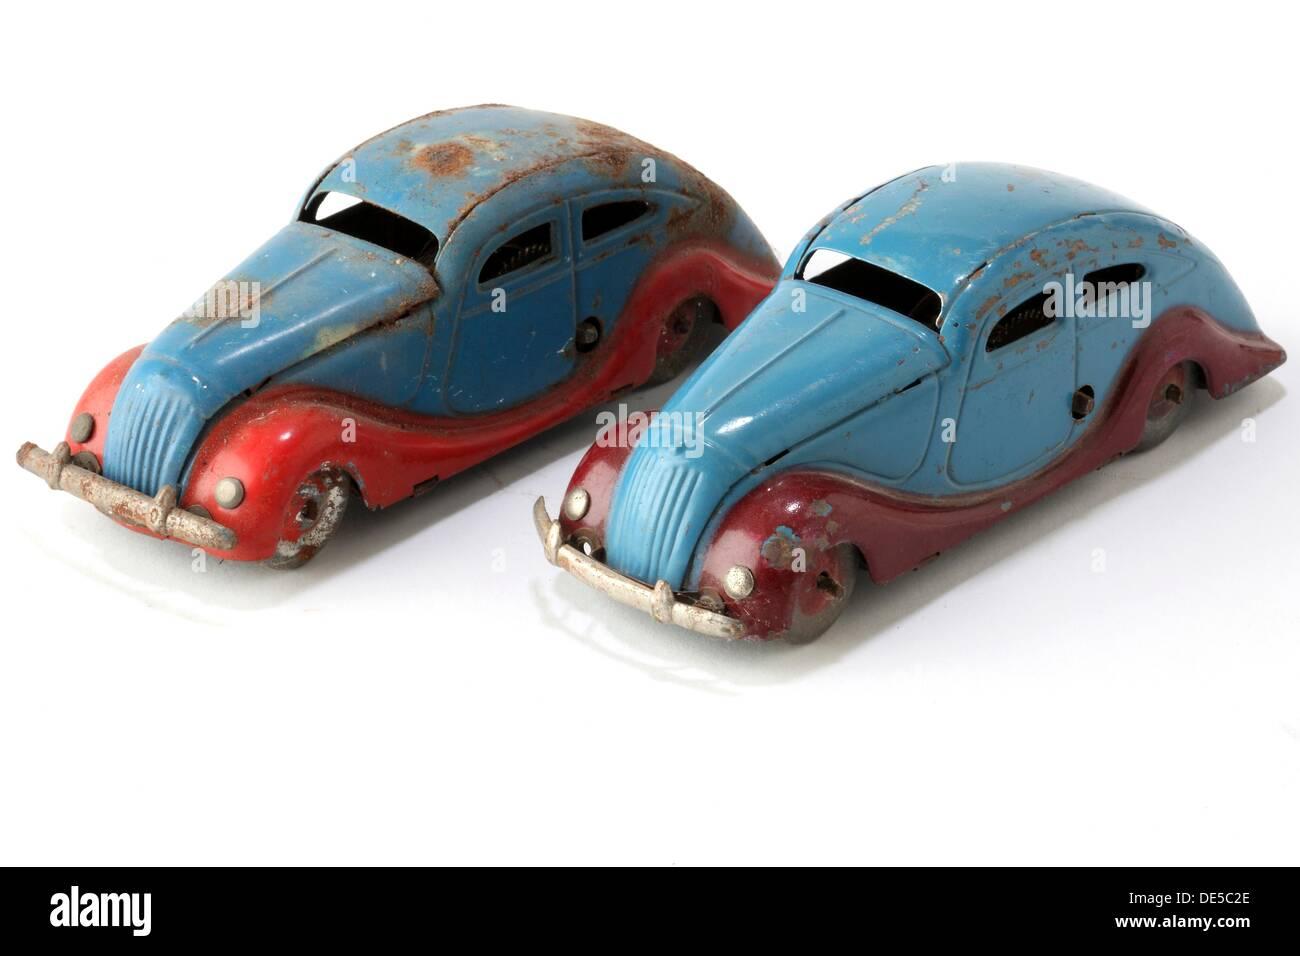 Vintage Spielzeug, Spielzeugauto, hergestellt möglicherweise Jyesa Spielzeug, Ibi, Alicante, Valencia, Spanien, Europa, 40er Jahre Stockbild